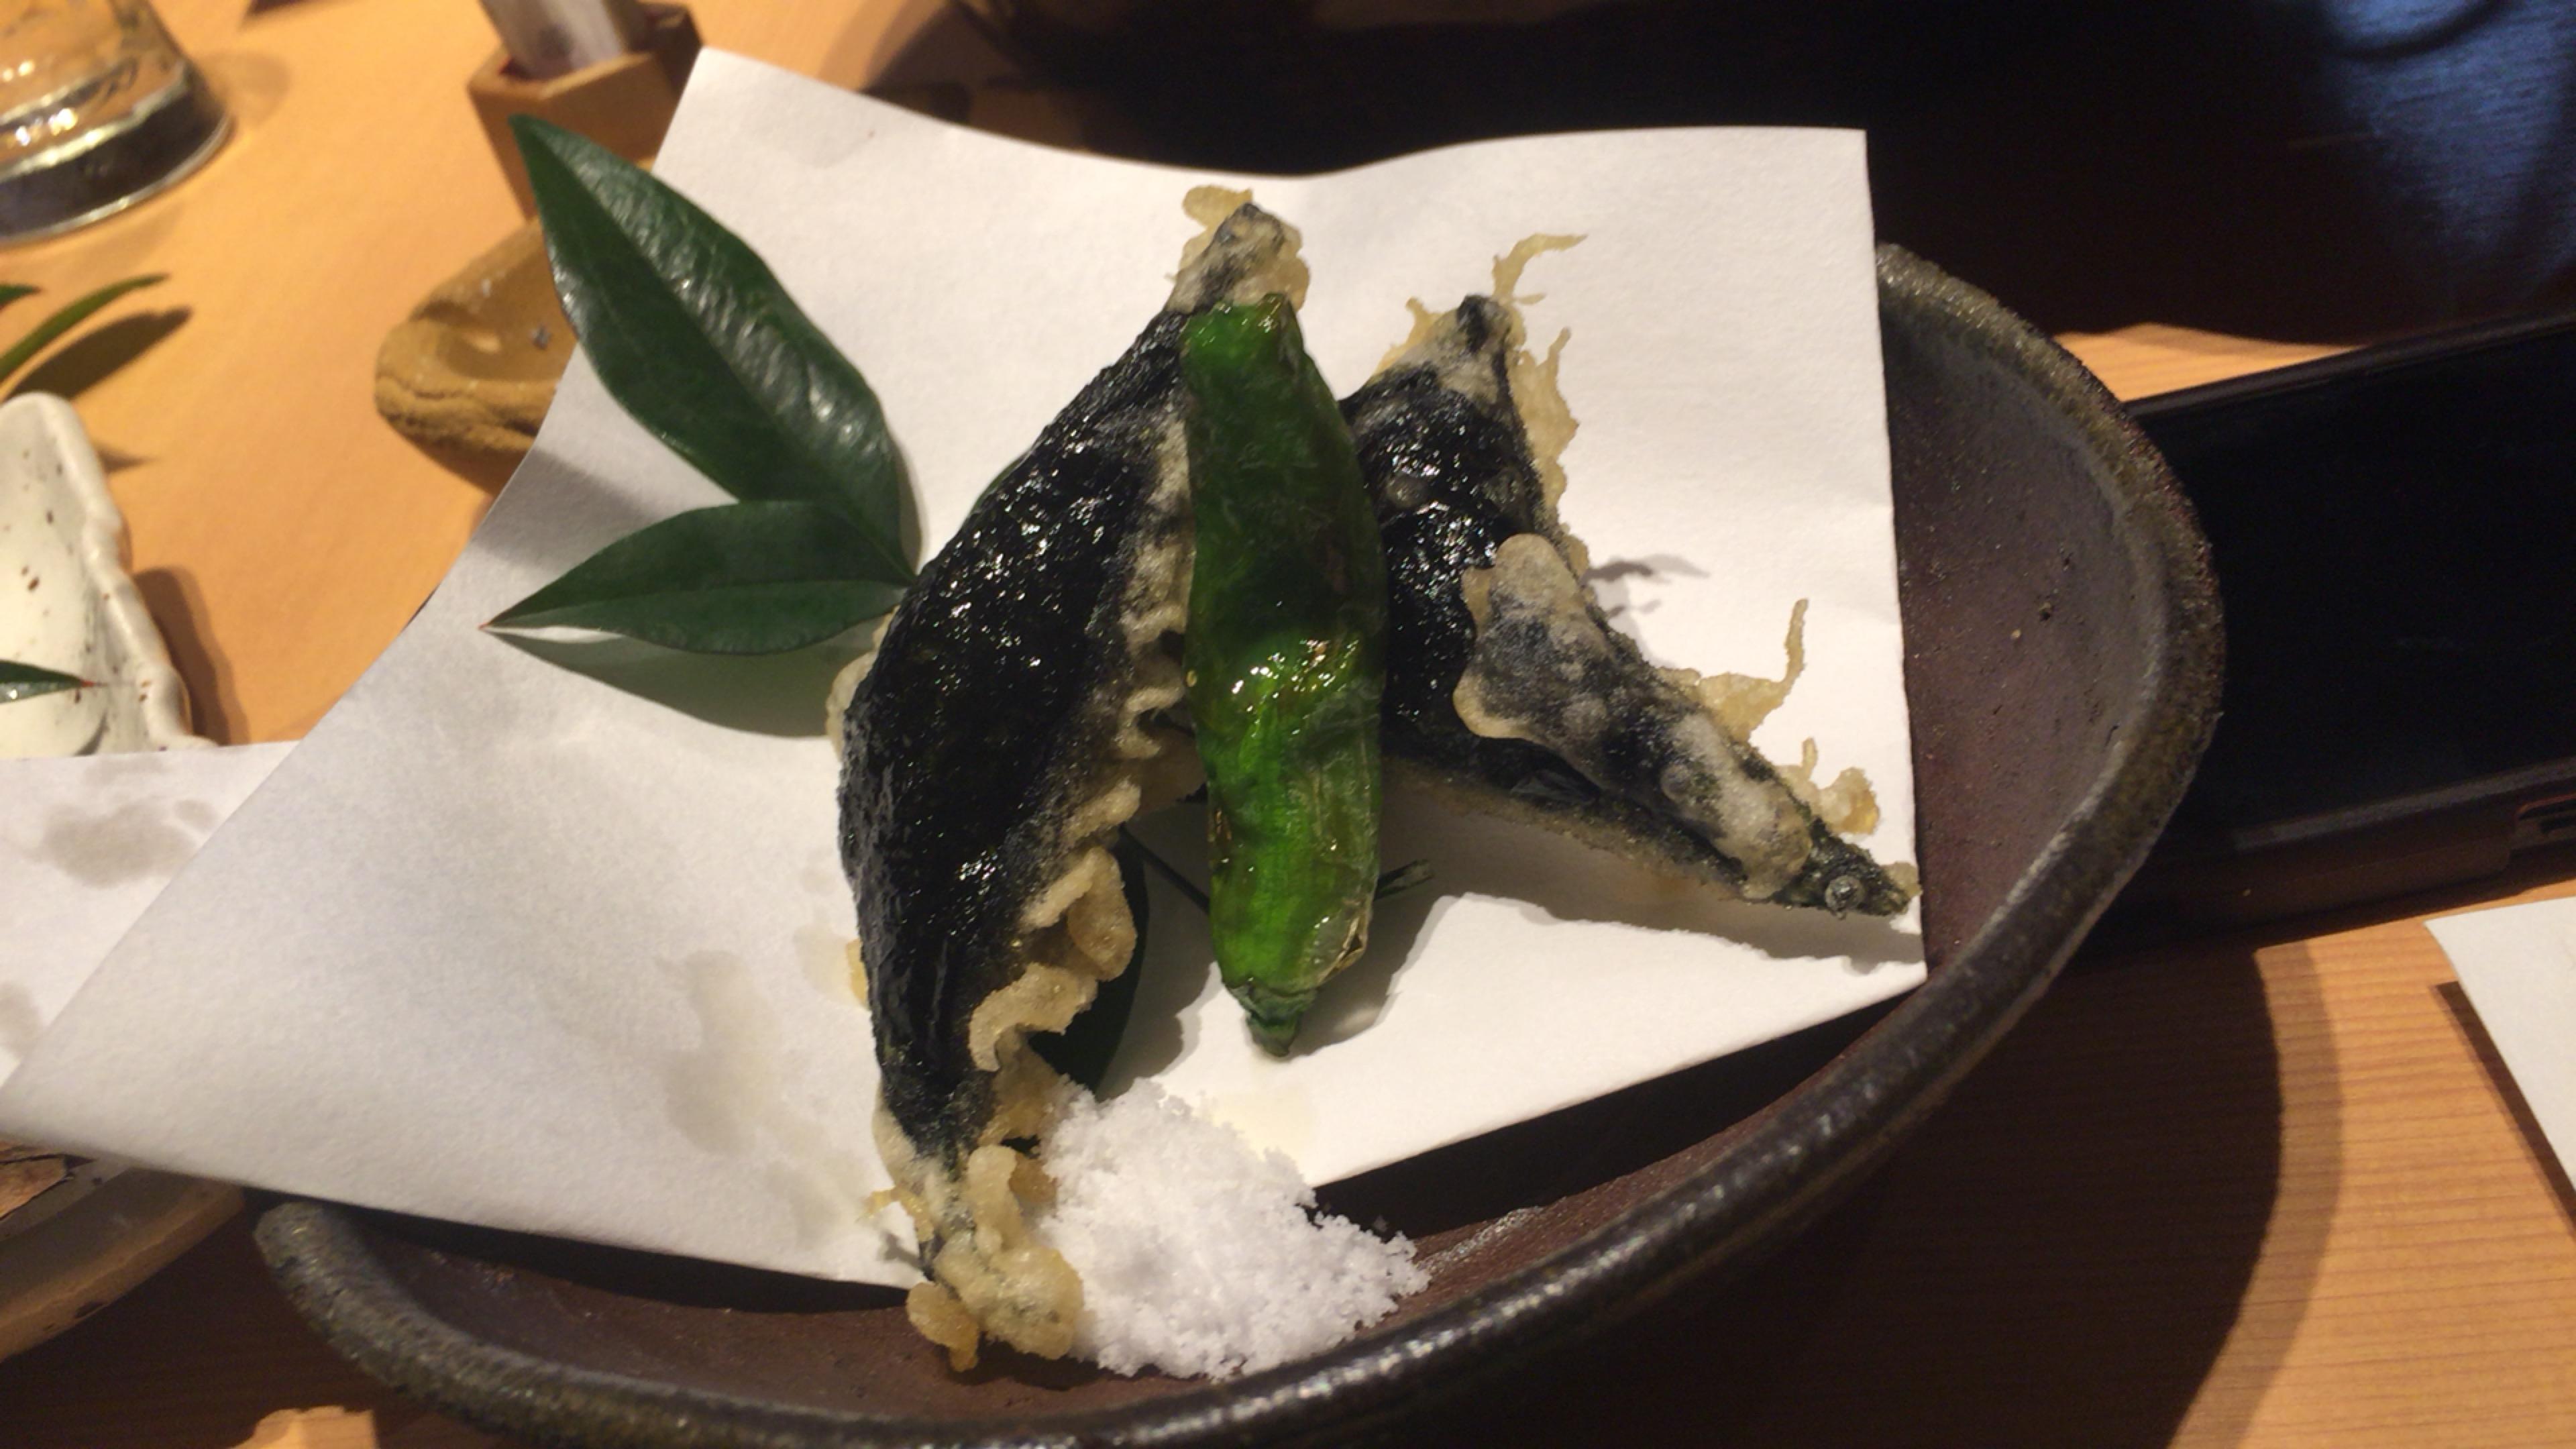 大阪ミナミの宗衛門町にある小料理・割烹『旬草hide』うにの磯辺揚げ